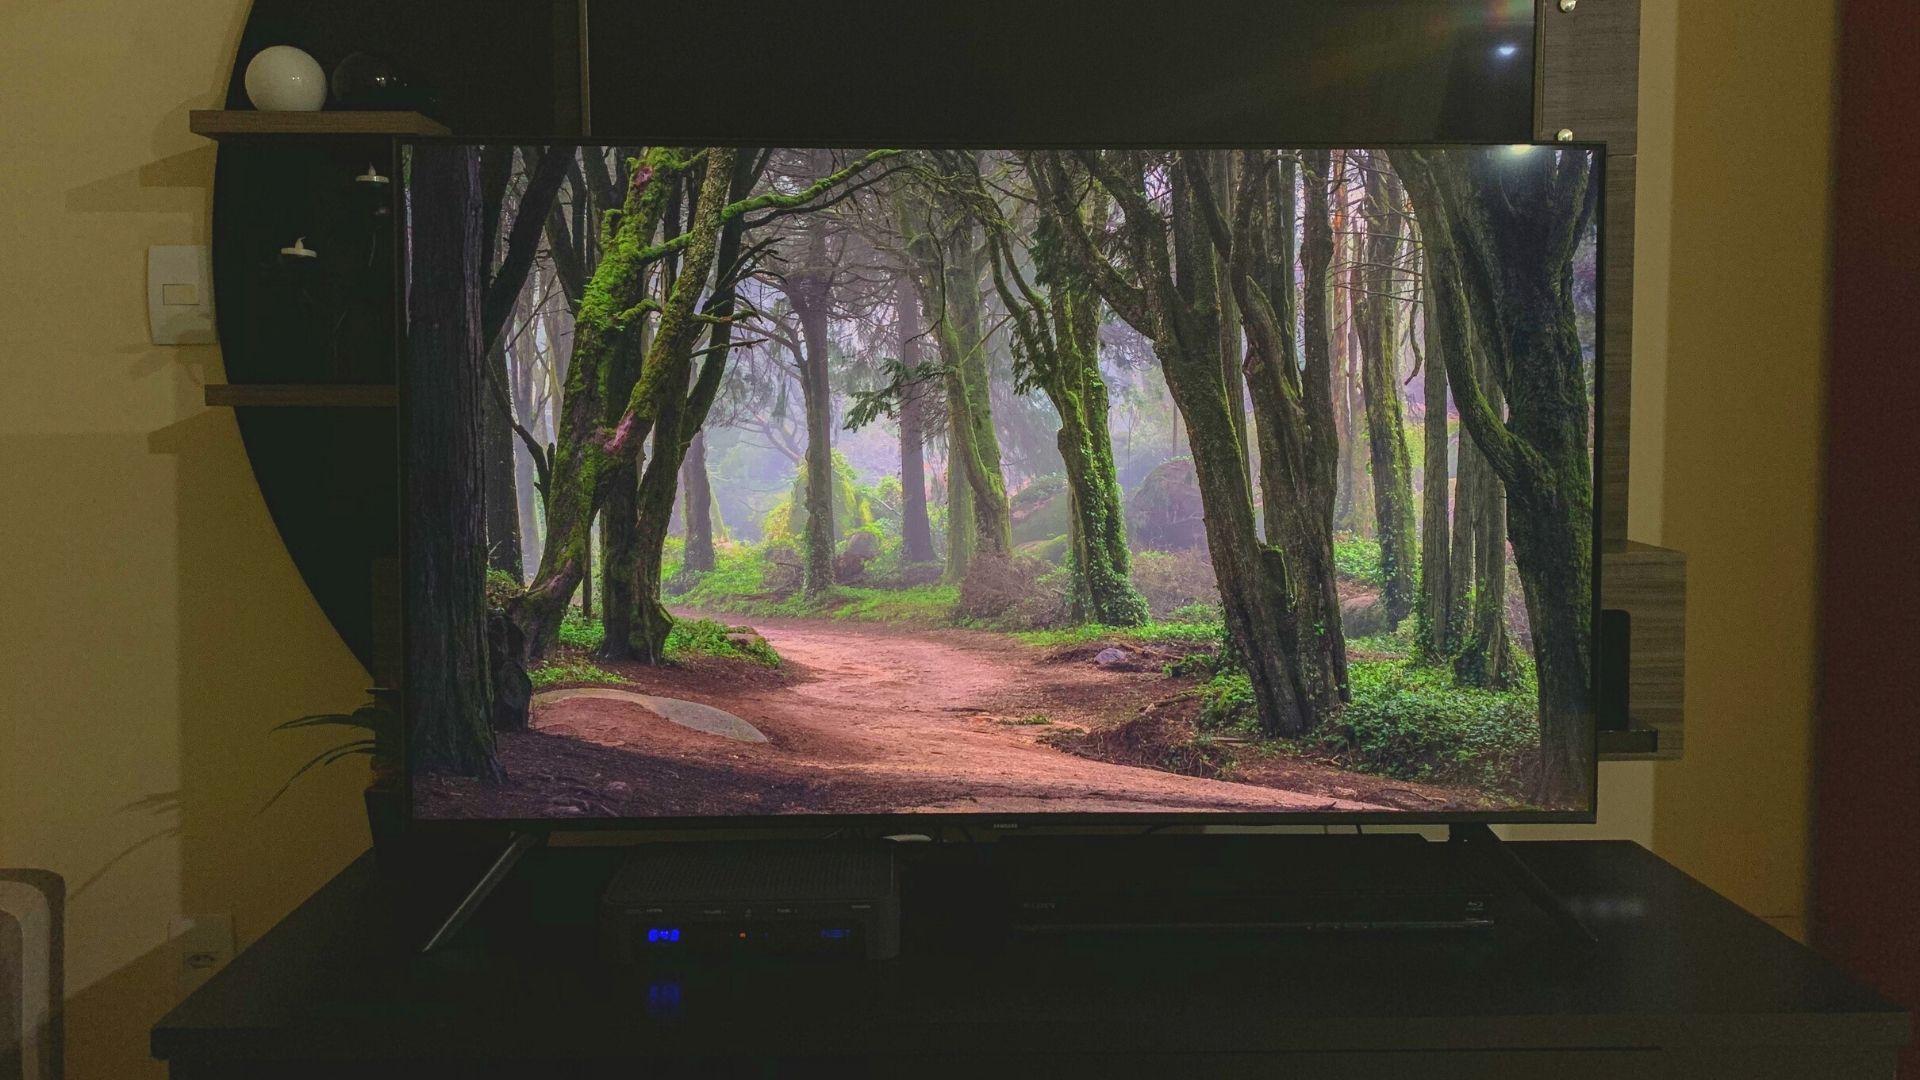 Samsung TU8000 vem com Modo Ambiente instalado. (Imagem: Yulli Dias/Zoom)